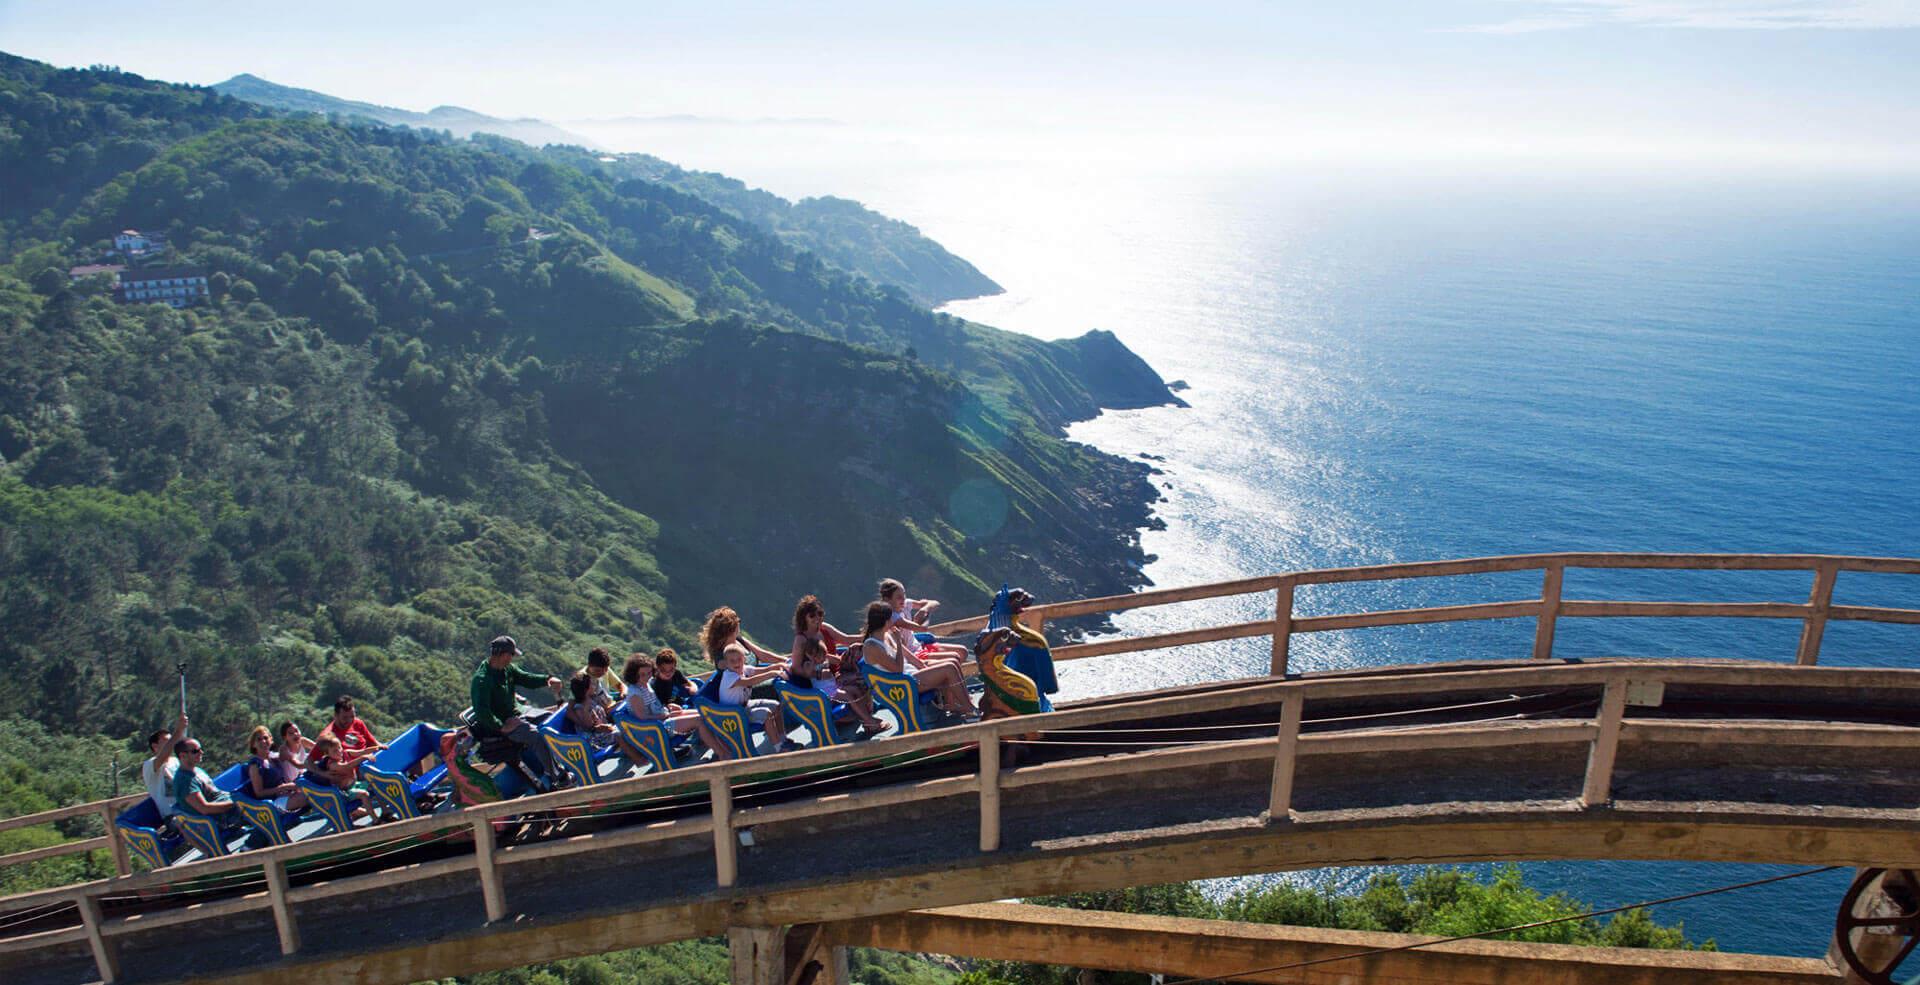 Montaña rusa del parque de atracciones del Monte Igueldo San Sebastián